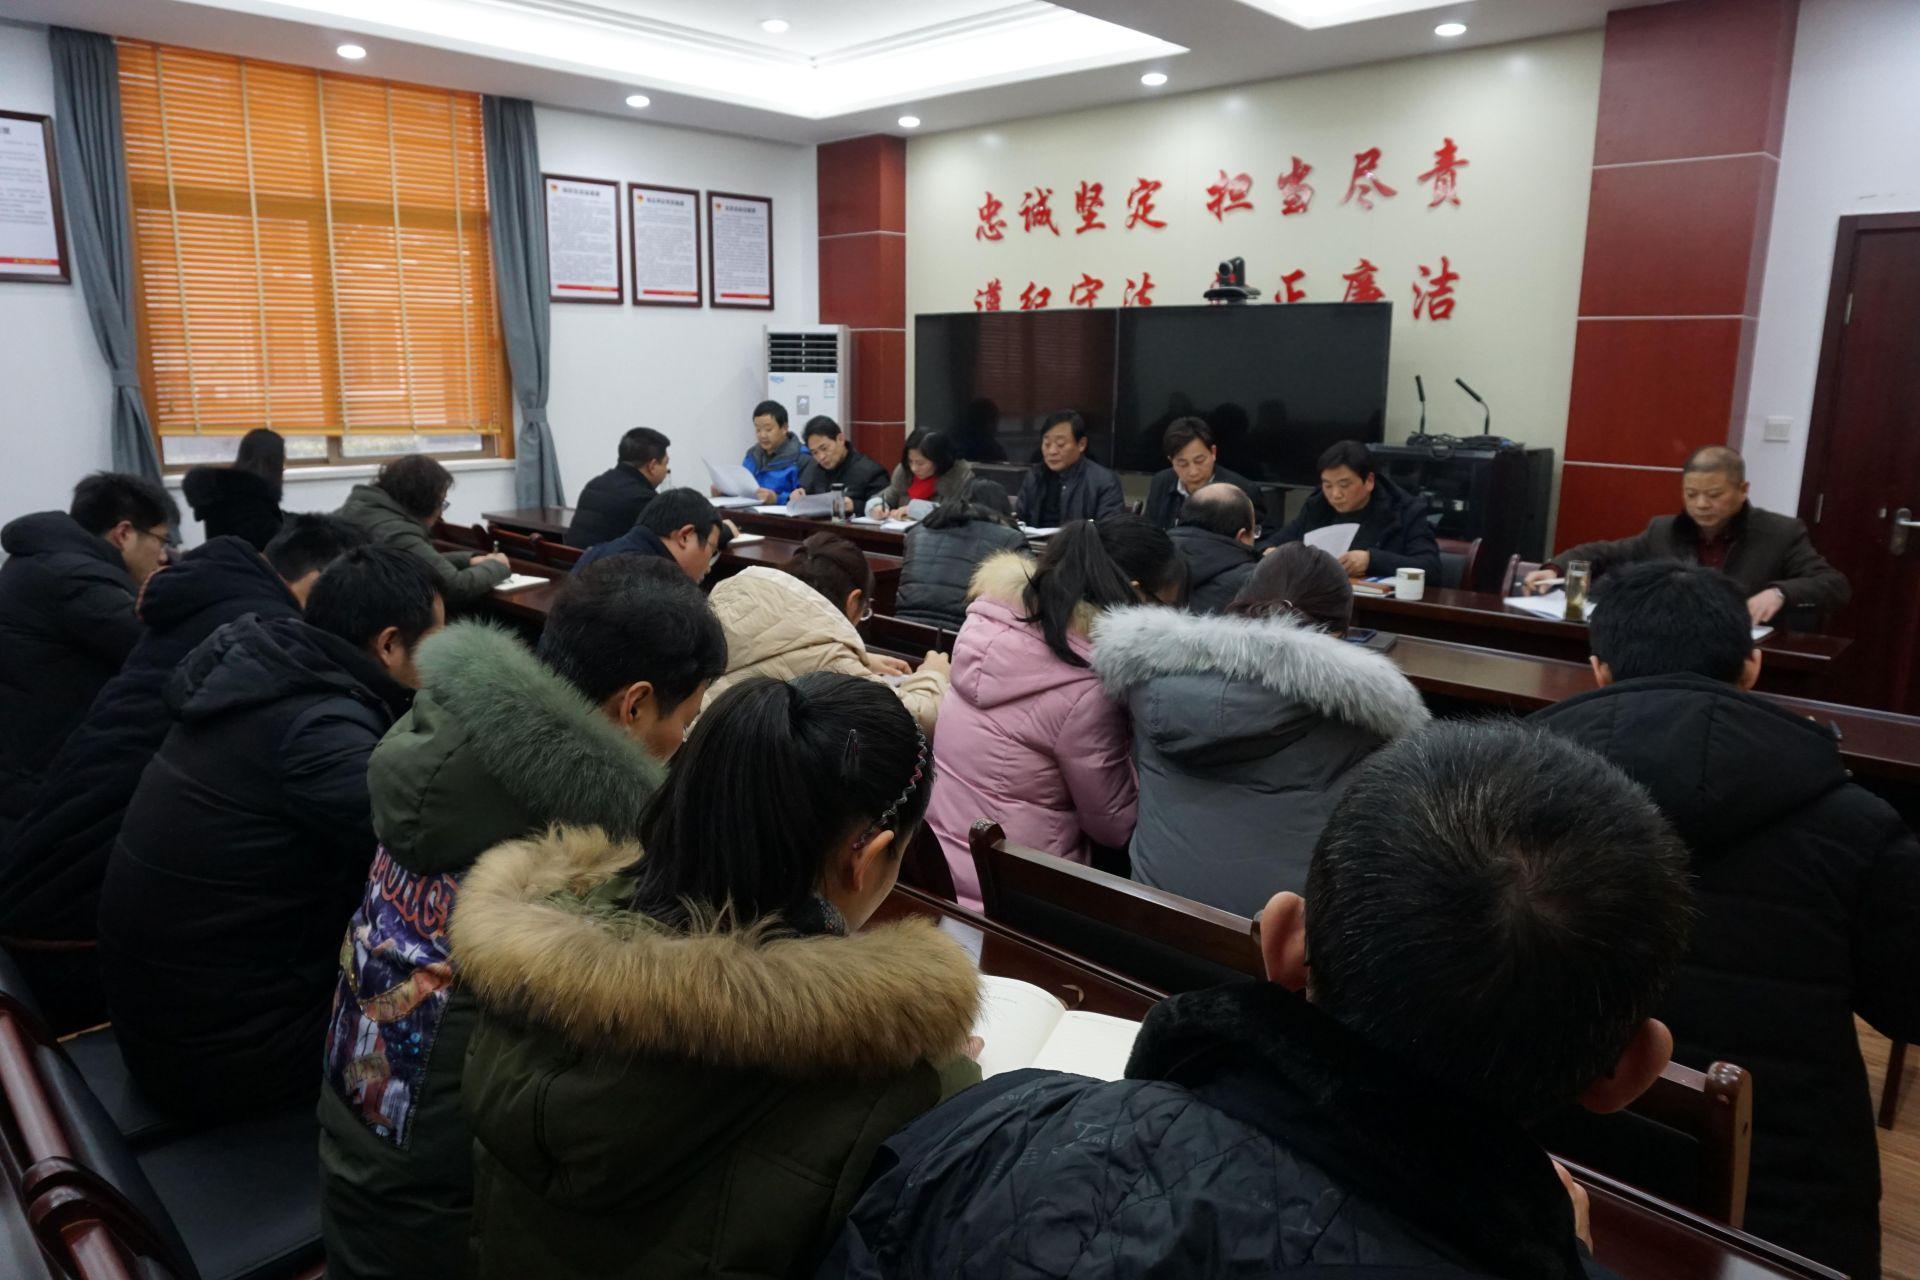 贵池区纪委监委:及时学习贯彻《中国共产党纪律检查机关监督执纪工作规则》